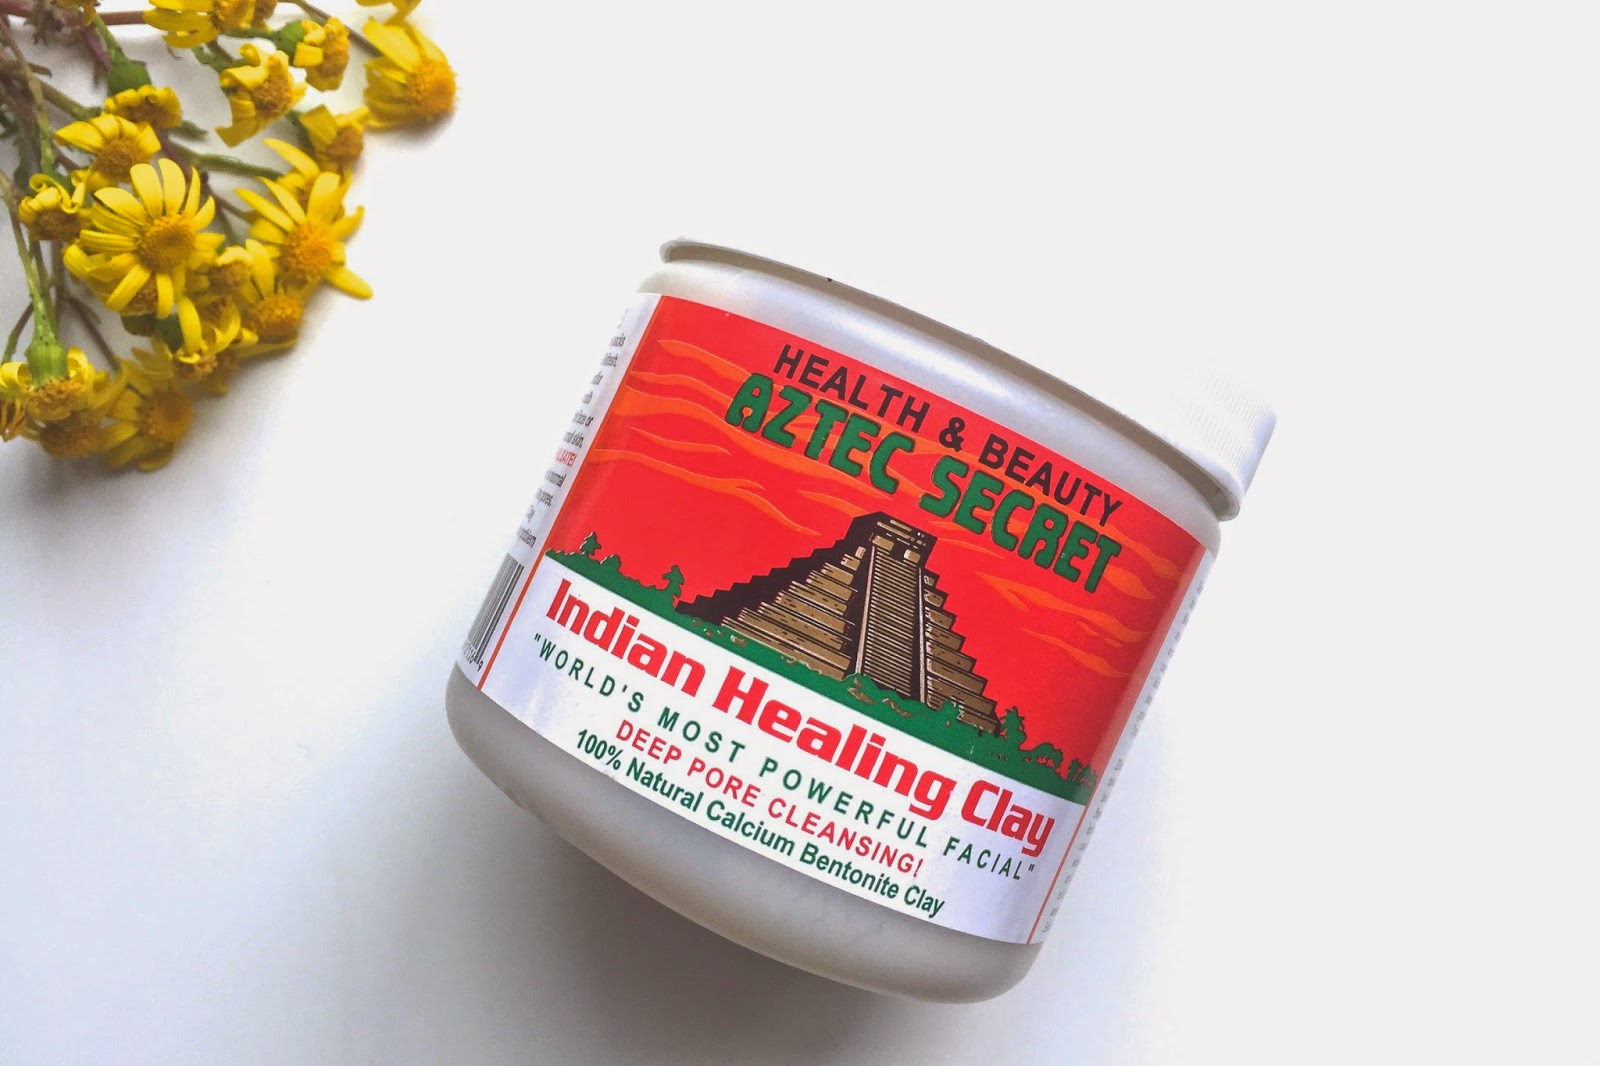 Kết quả hình ảnh cho Aztec Secret Indian Healing